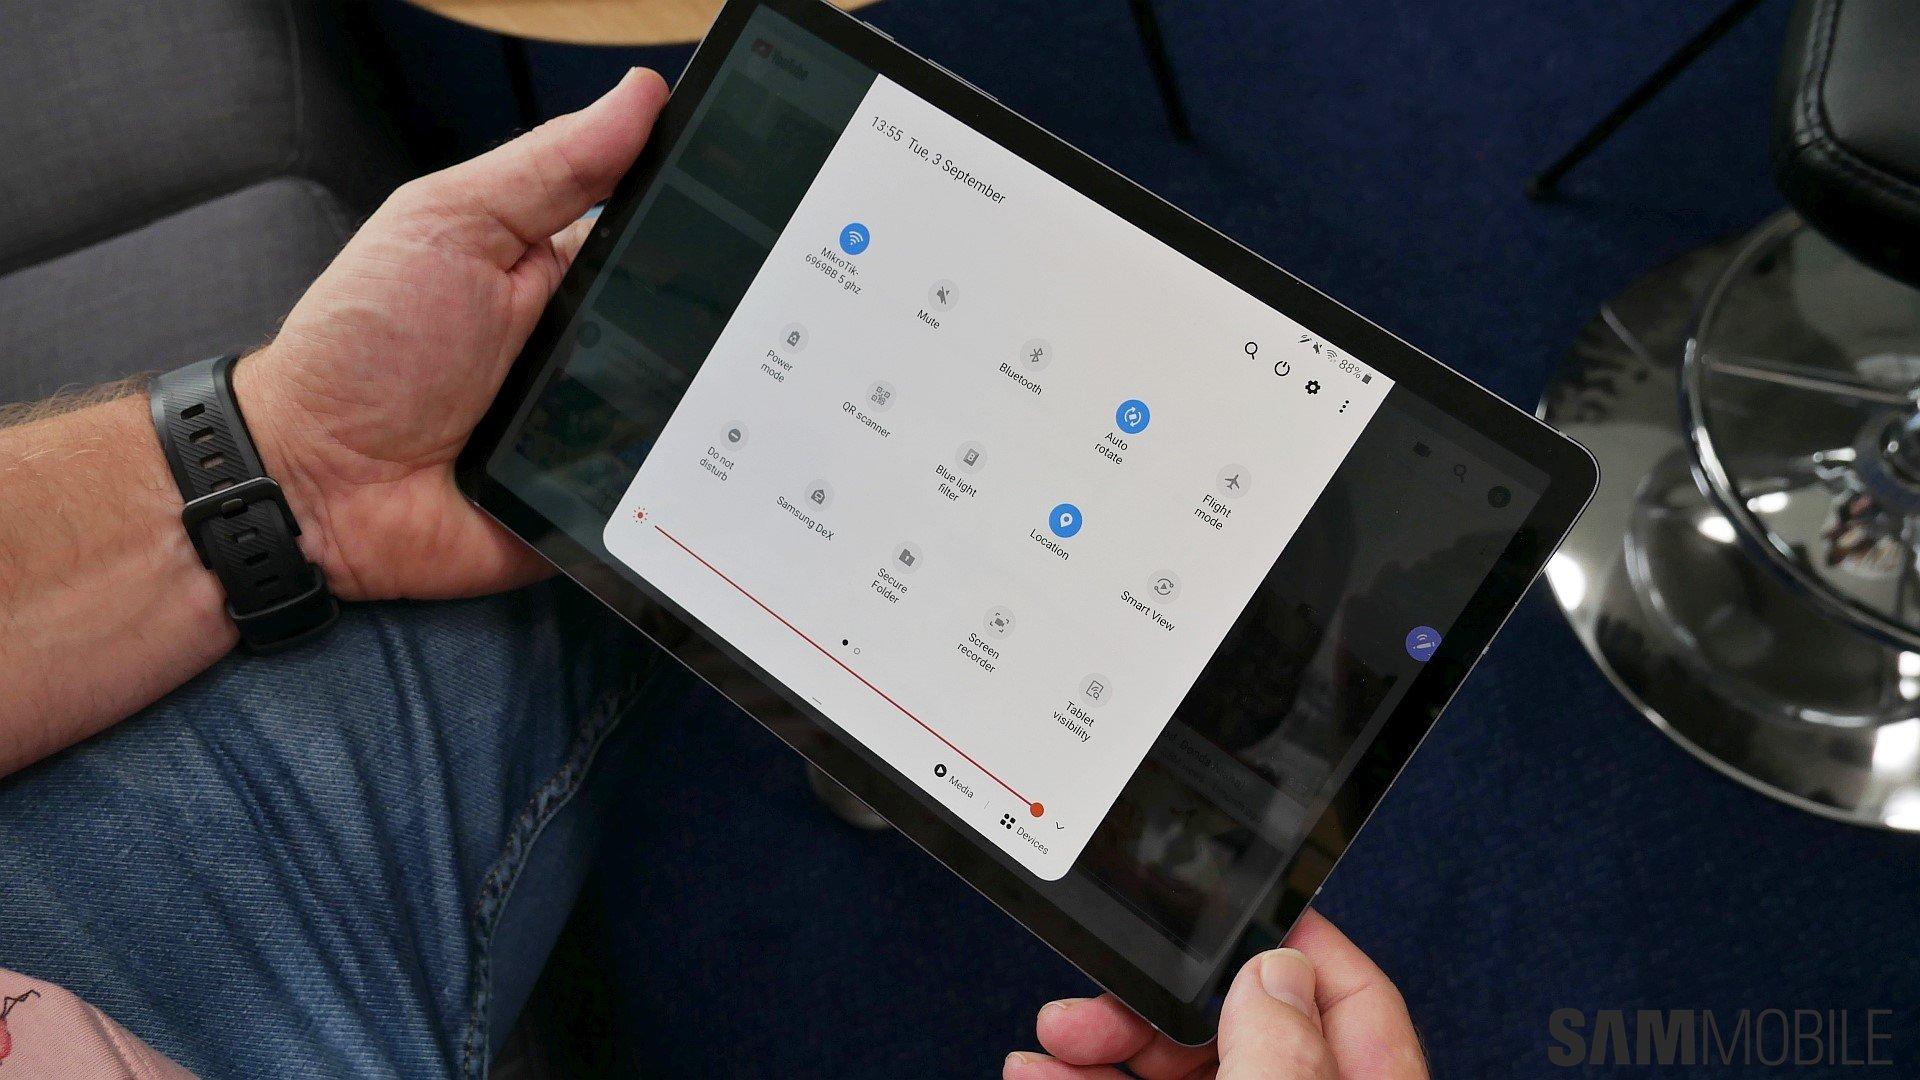 Samsung Galaxy Đánh giá Tab S6: máy tính bảng Android tốt nhất năm 2019 5